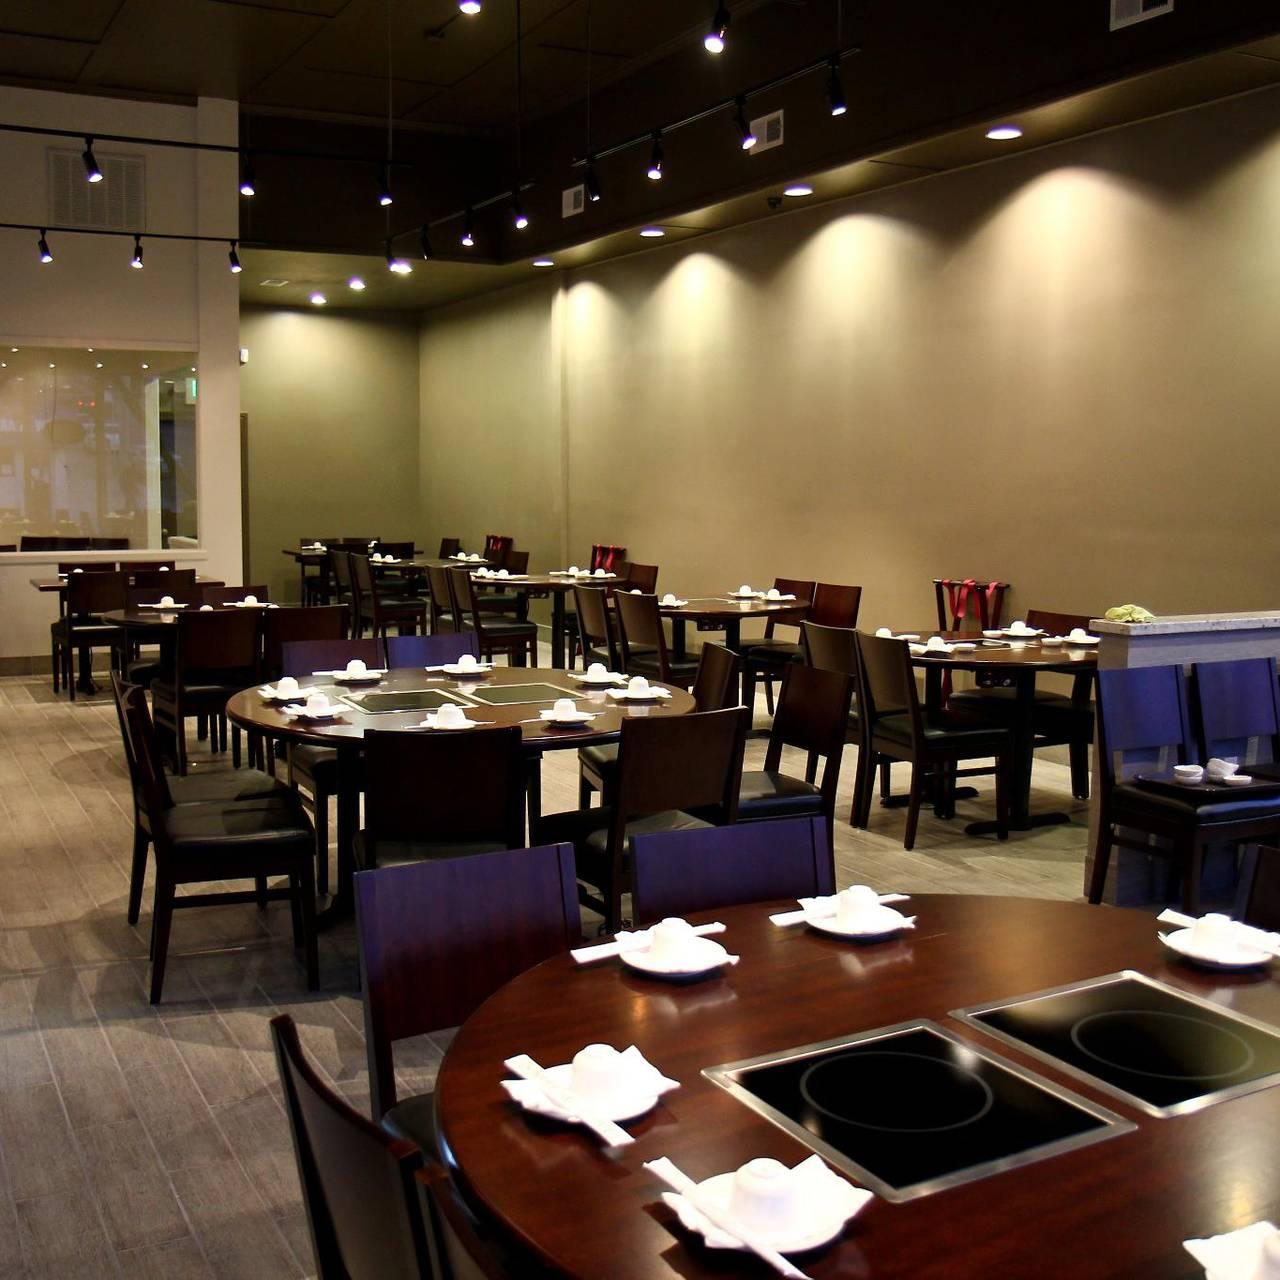 Hot Pot Garden Restaurant - Millbrae, CA   OpenTable